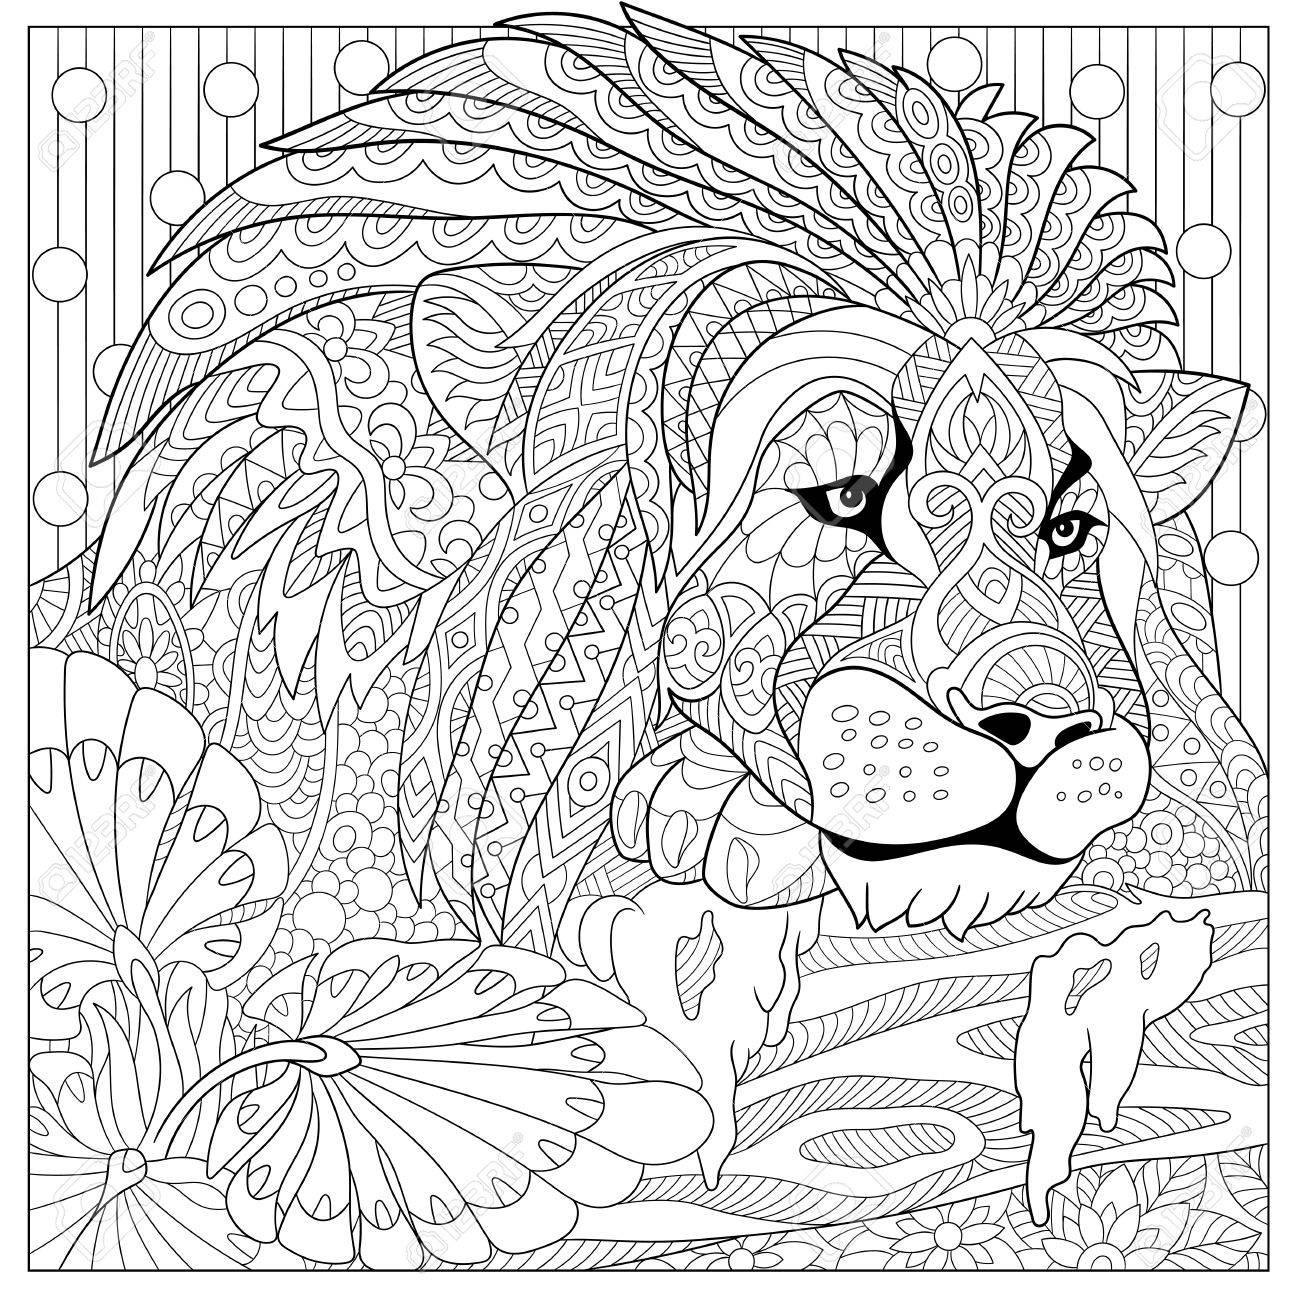 León De Dibujos Animados Estilizada Gato Salvaje Leo Zodiaco